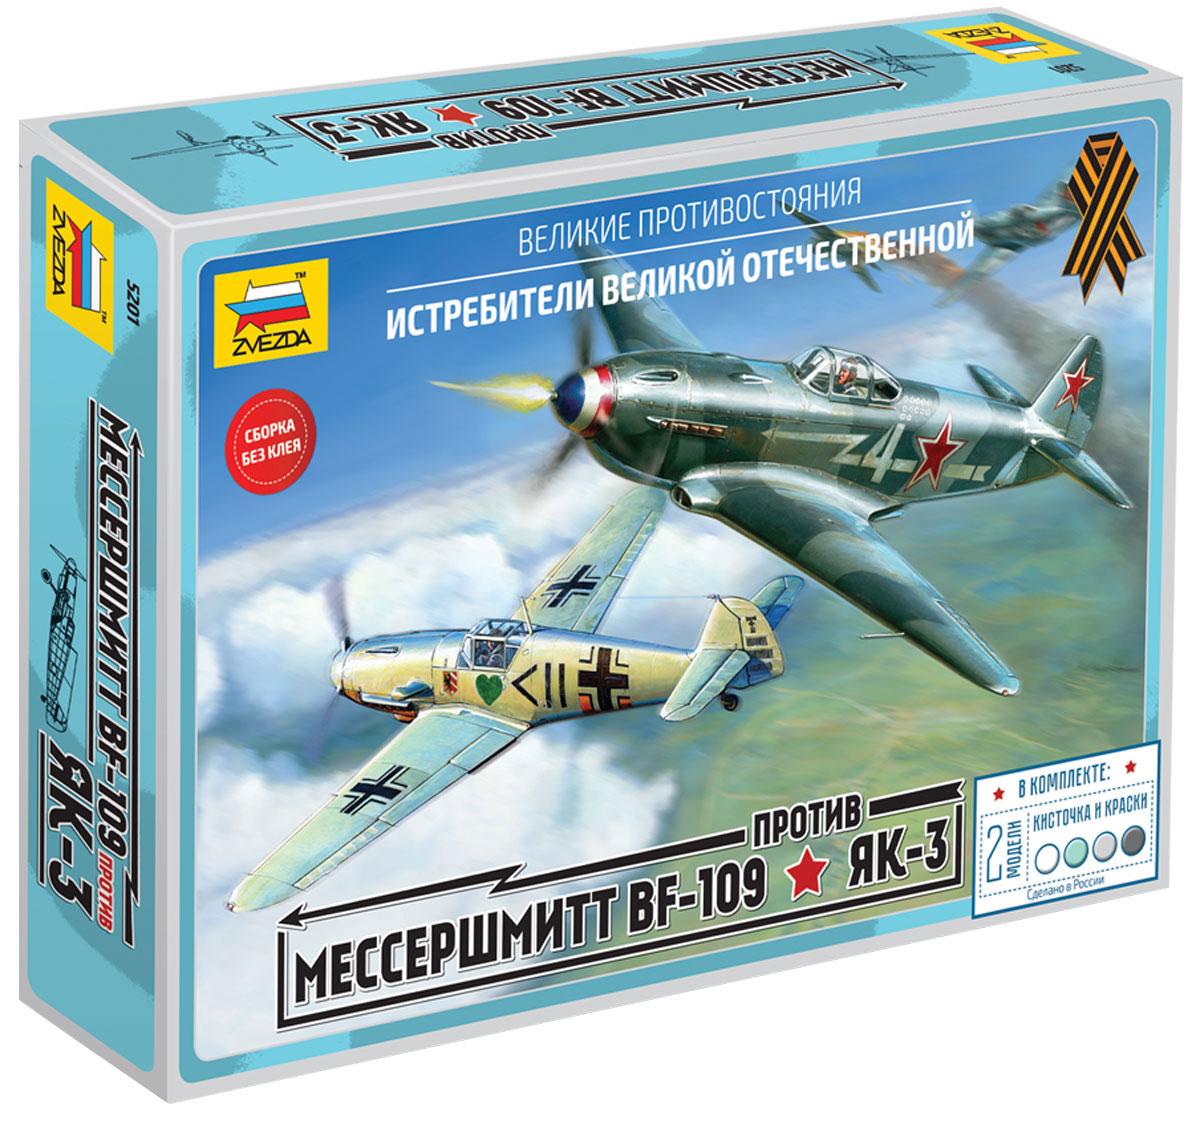 Звезда Набор для сборки и раскрашивания Мессершмитт Bf-109 против Як-35201С помощью набора для сборки Звезда Мессершмитт Bf-109 против Як-3 вы и ваш ребенок сможете собрать уменьшенные копии истребителей. Набор включает в себя 88 элементов для сборки двух моделей, краски четырех цветов, кисточку, брошюру с историческим описанием и инструкцию на русском языке. Сборка осуществляется без клея. Легкий и мощный Мессершмитт Bf-109 был гордостью германских люфтваффе и опасным противником для советских пилотов. Долгое время этому самолету не было равных. Пока, в 1943 году, талантливый советский конструктор не создал истребитель Як-3. Более легкий и быстрый по сравнению с мессером, с повышенной боевой мощью, советский Як- 3 быстро получил преимущество в небе и успешно применялся в любых военно- воздушных операциях. Это изобретение стало переломным событием, изменившее ход войны. Процесс сборки развивает интеллектуальные и инструментальные способности, воображение и конструктивное мышление, а также прививает практические навыки...